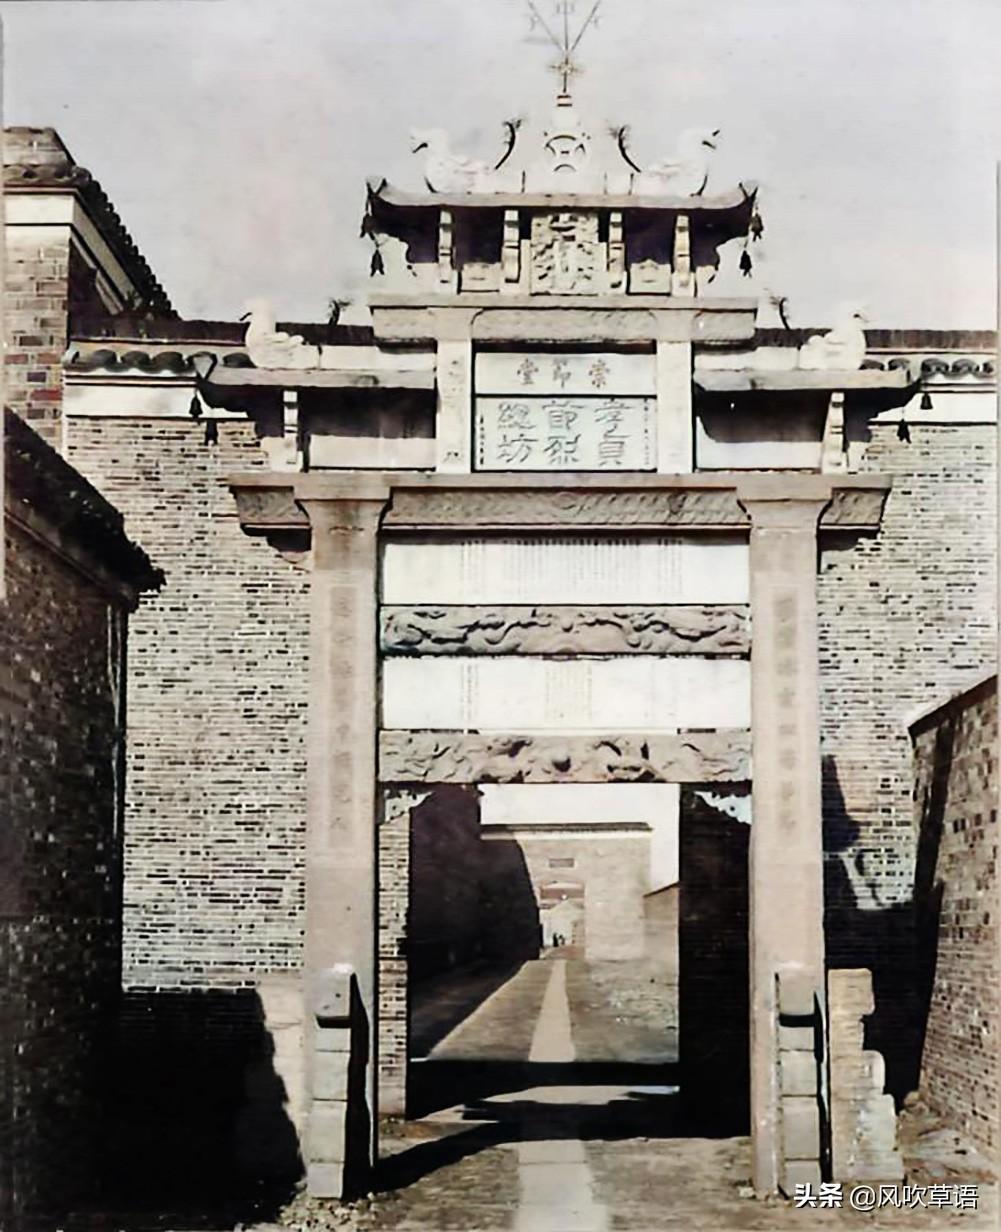 100年前的江蘇揚州,一座比江南更有江南韻味的城市